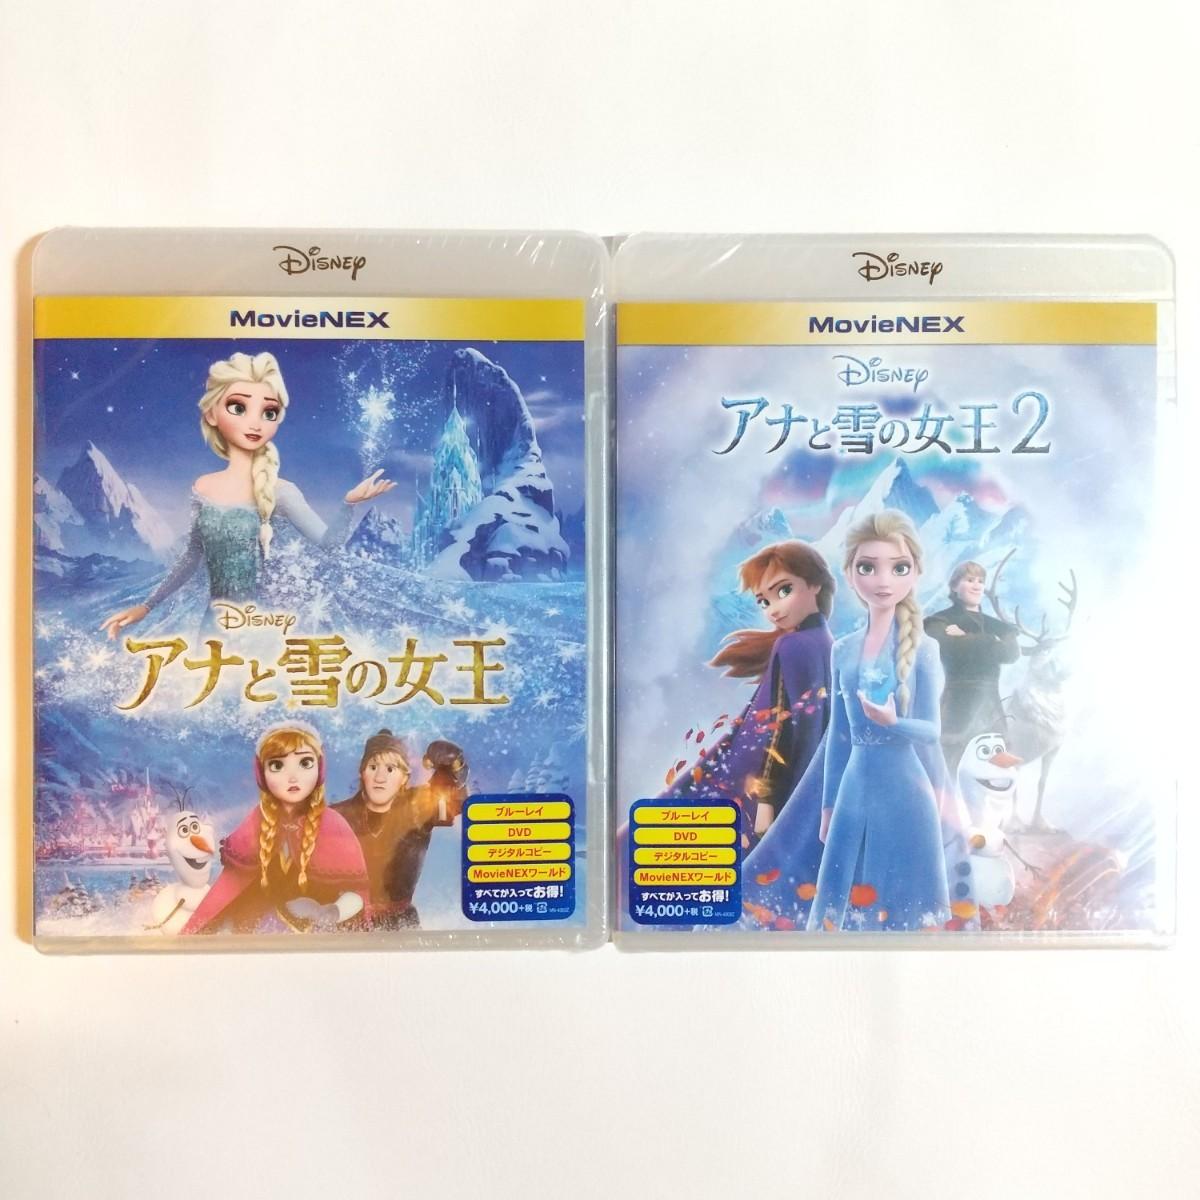 新品未開封 ディズニー アナと雪の女王2 MovieNEX セット Blu-ray+DVD+デジタルコピー ブルーレイ